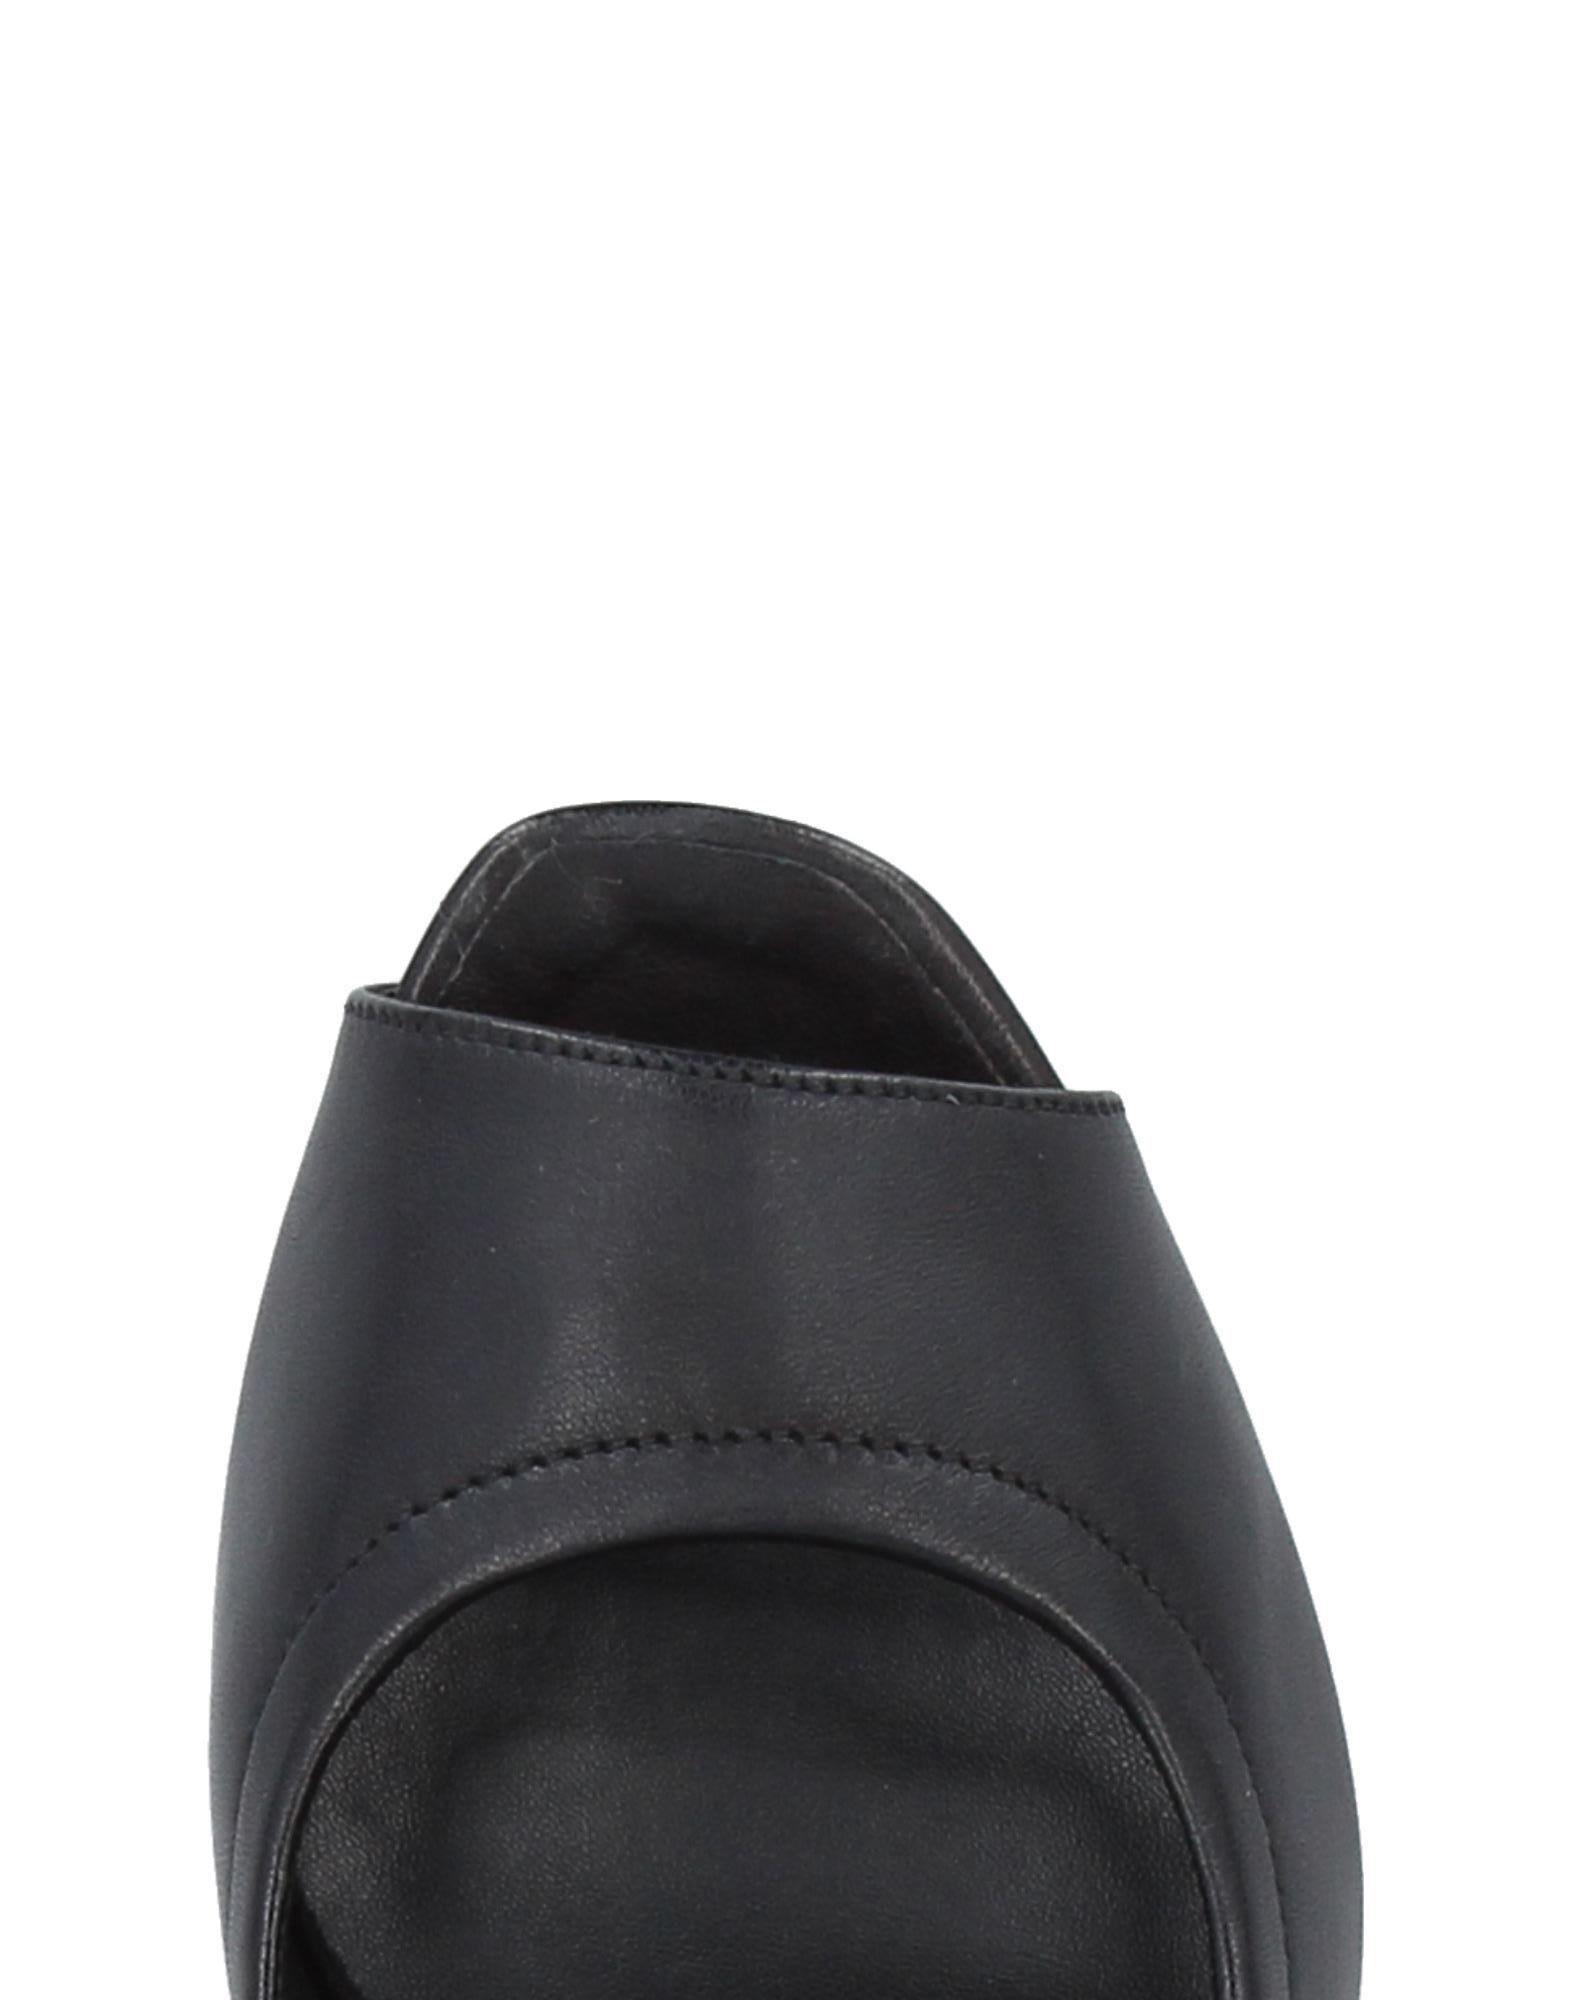 Janet & Janet Pumps Damen  11400124VA Gute Qualität beliebte Schuhe